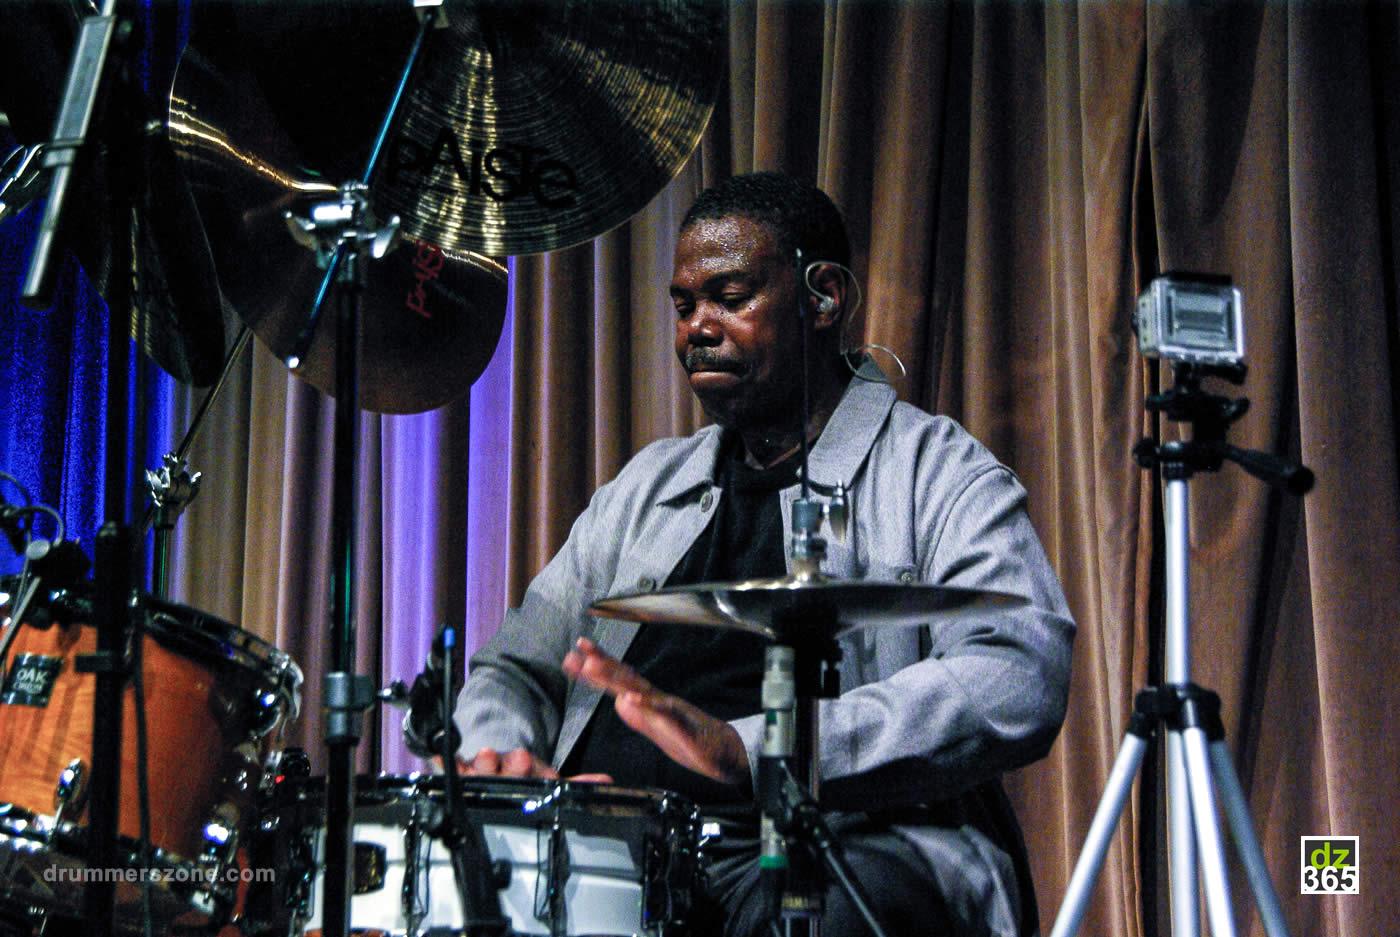 London Drum Show 2010